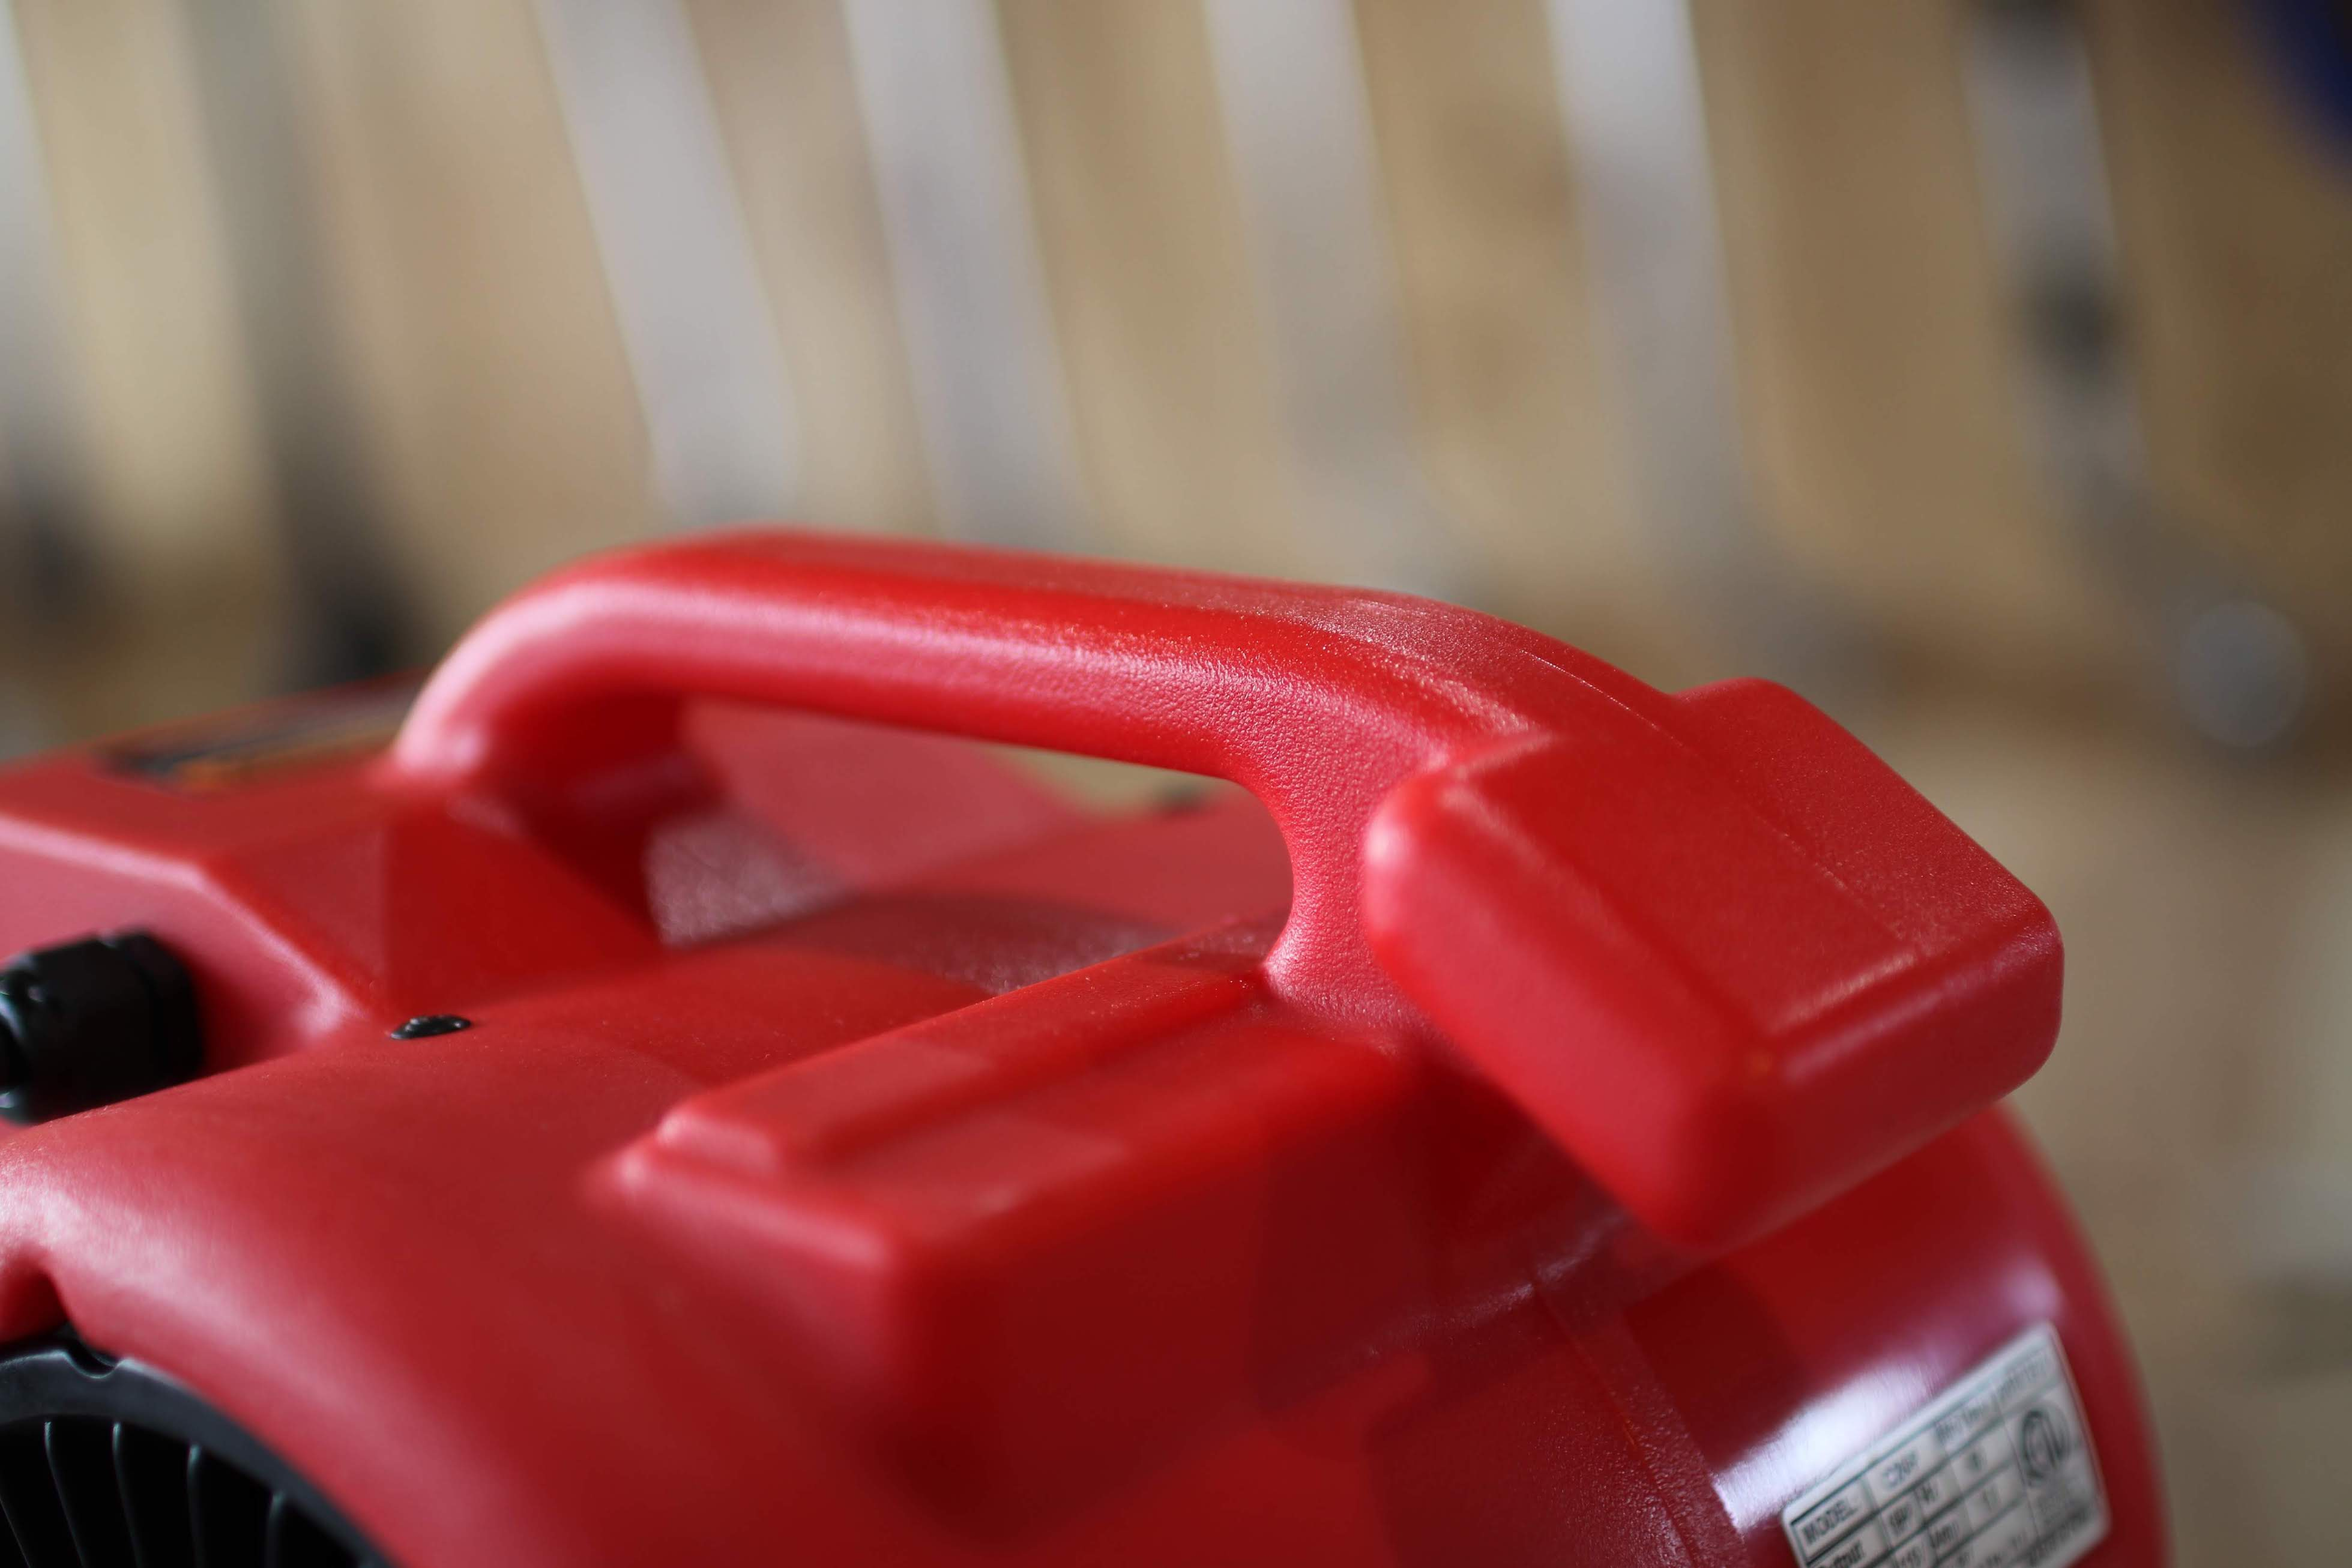 Newタイプのハンドル部分は、積み重ね可能な形状